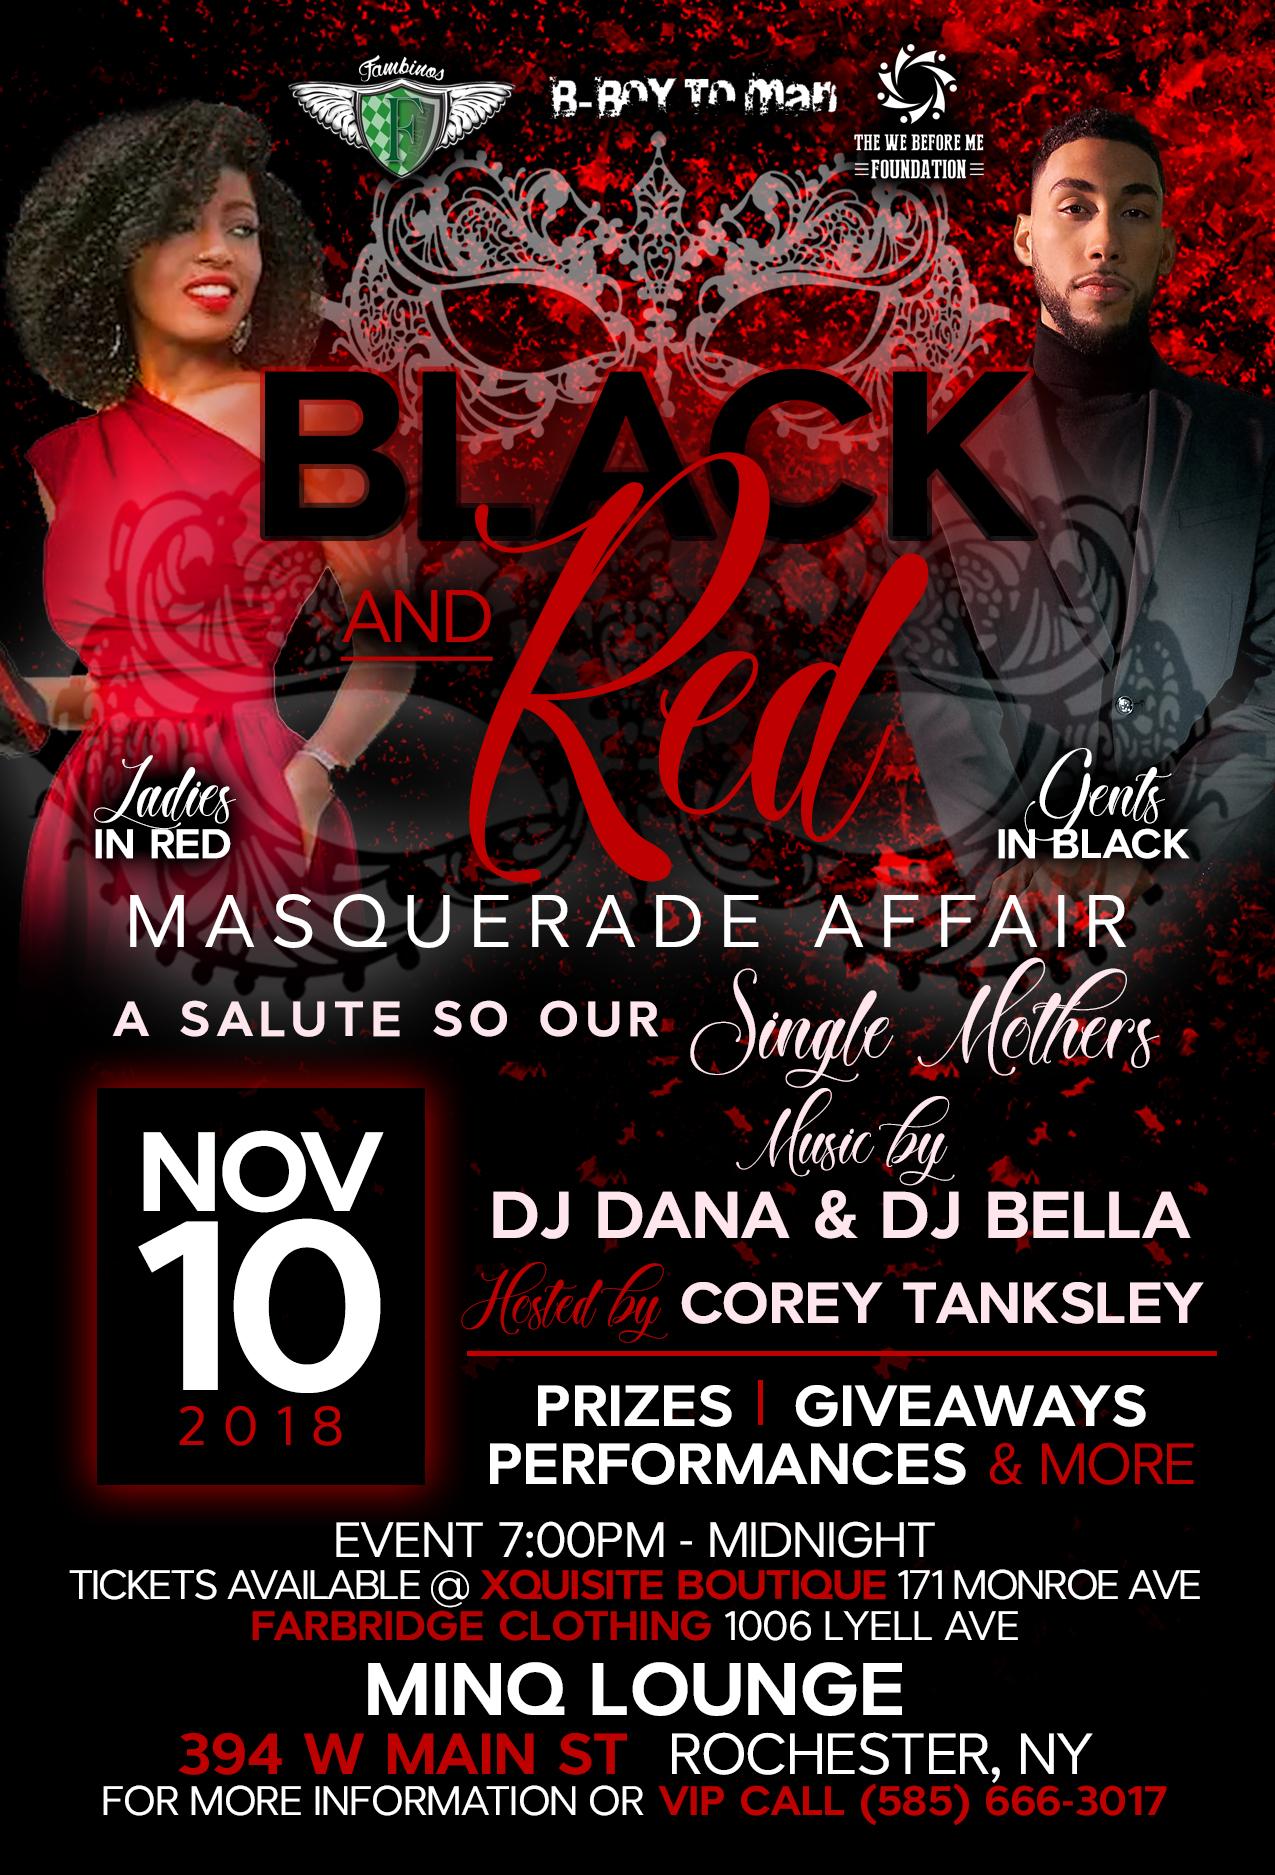 Black & Red Masquerade Affair